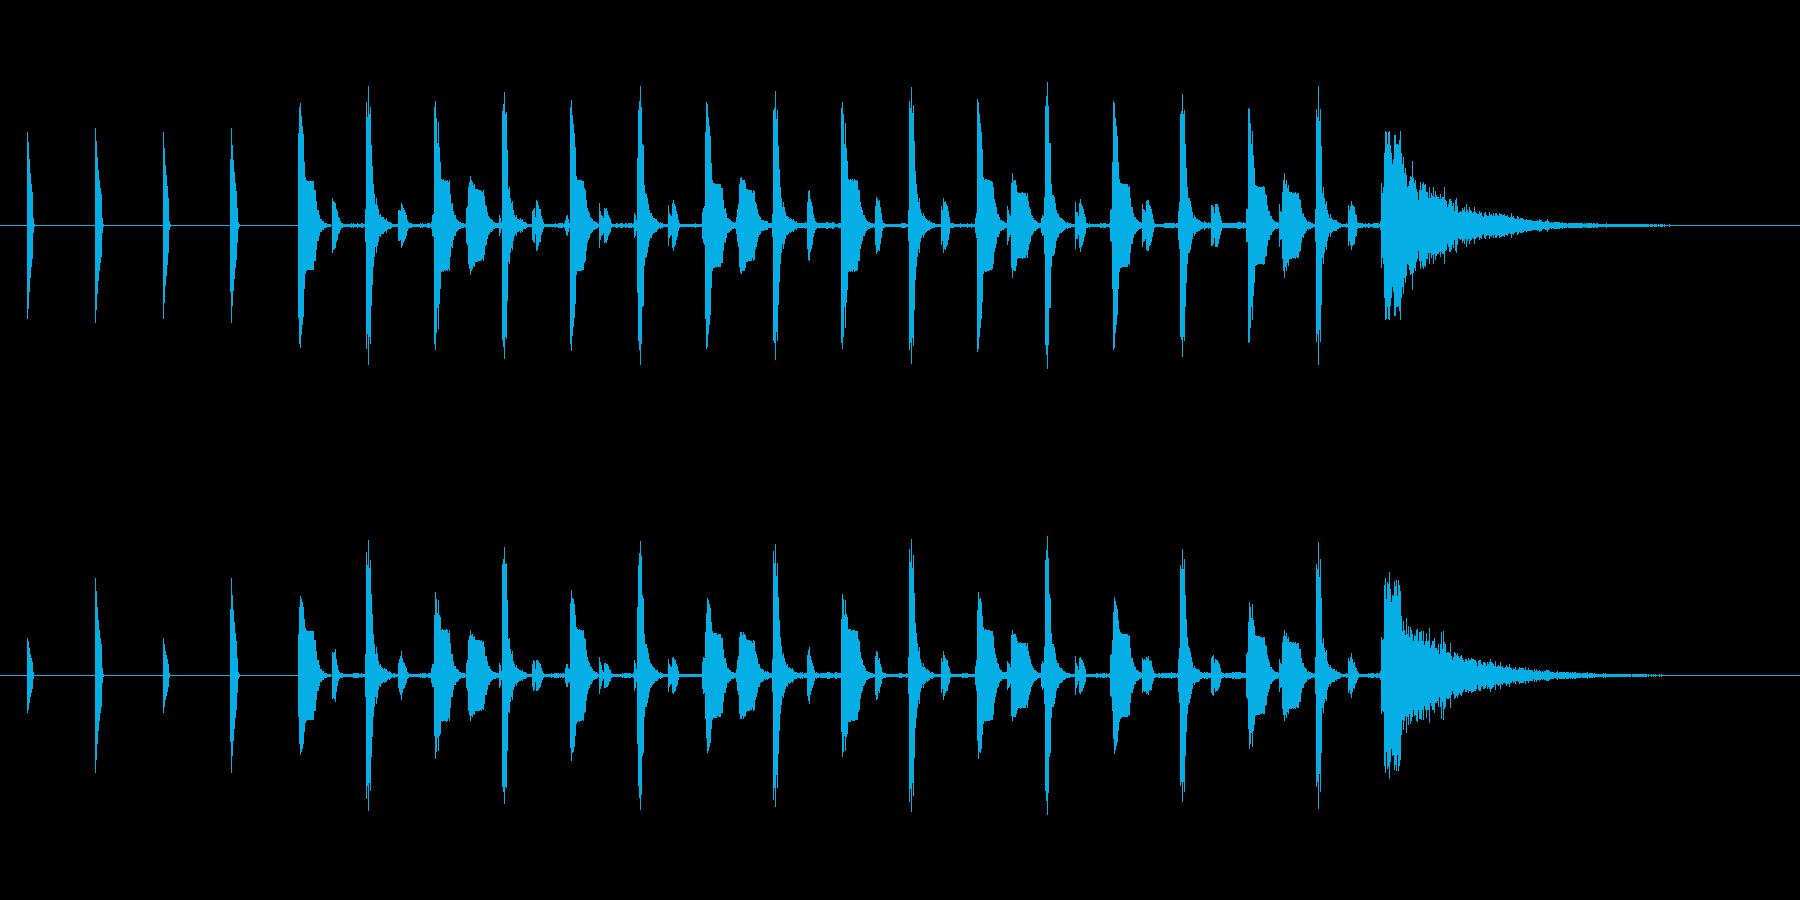 シンキングタイム約10秒ピコピコサウンドの再生済みの波形